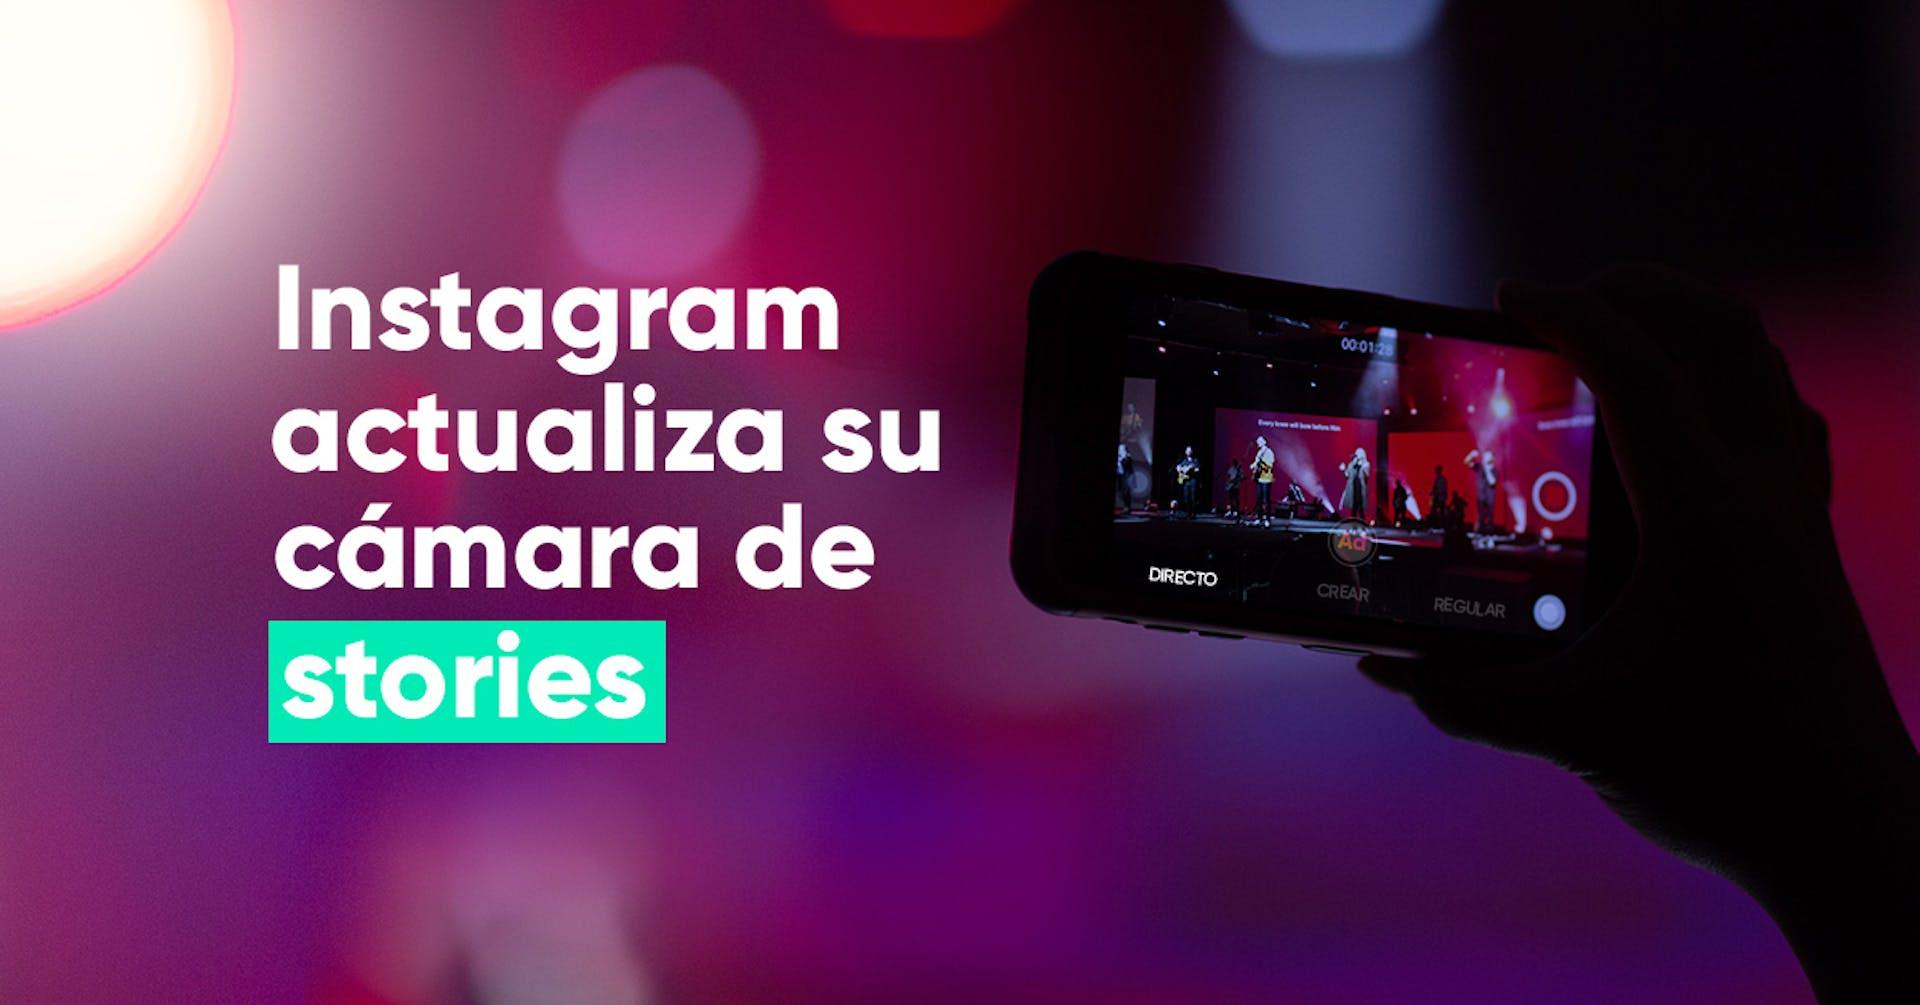 La cámara de Instagram para stories ha sido actualizada